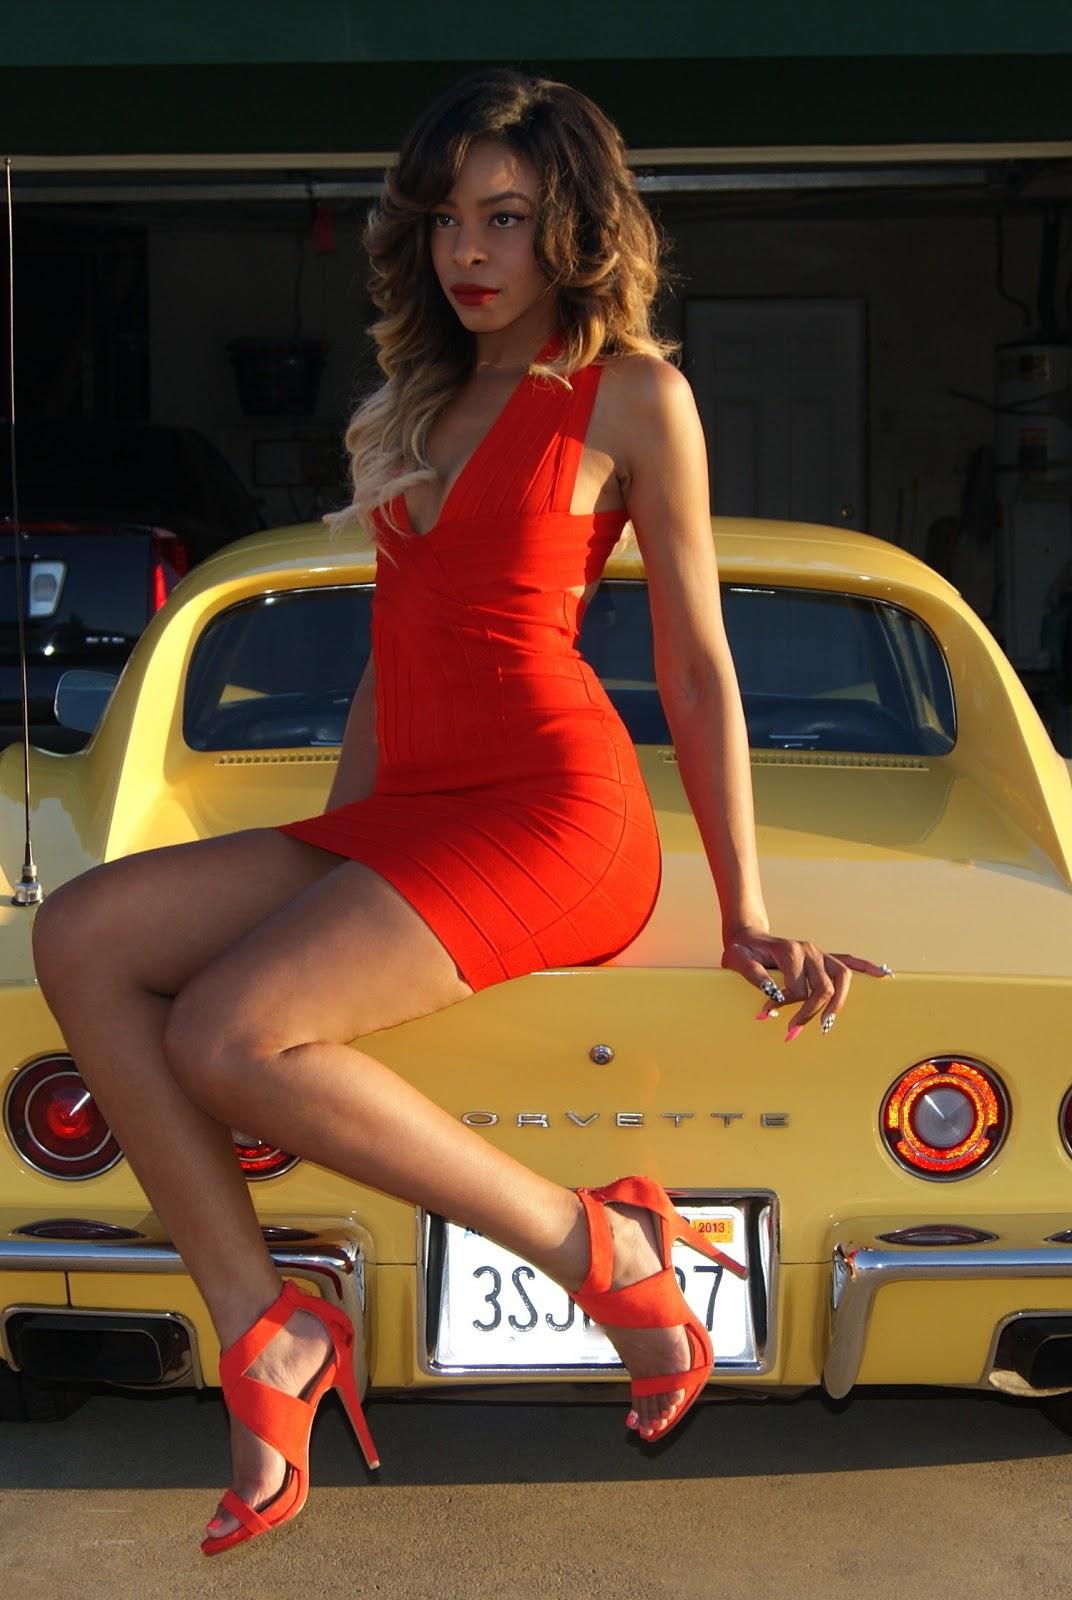 Fast Cars And Girls Wallpaper Little Red Corvette Allthingsslim